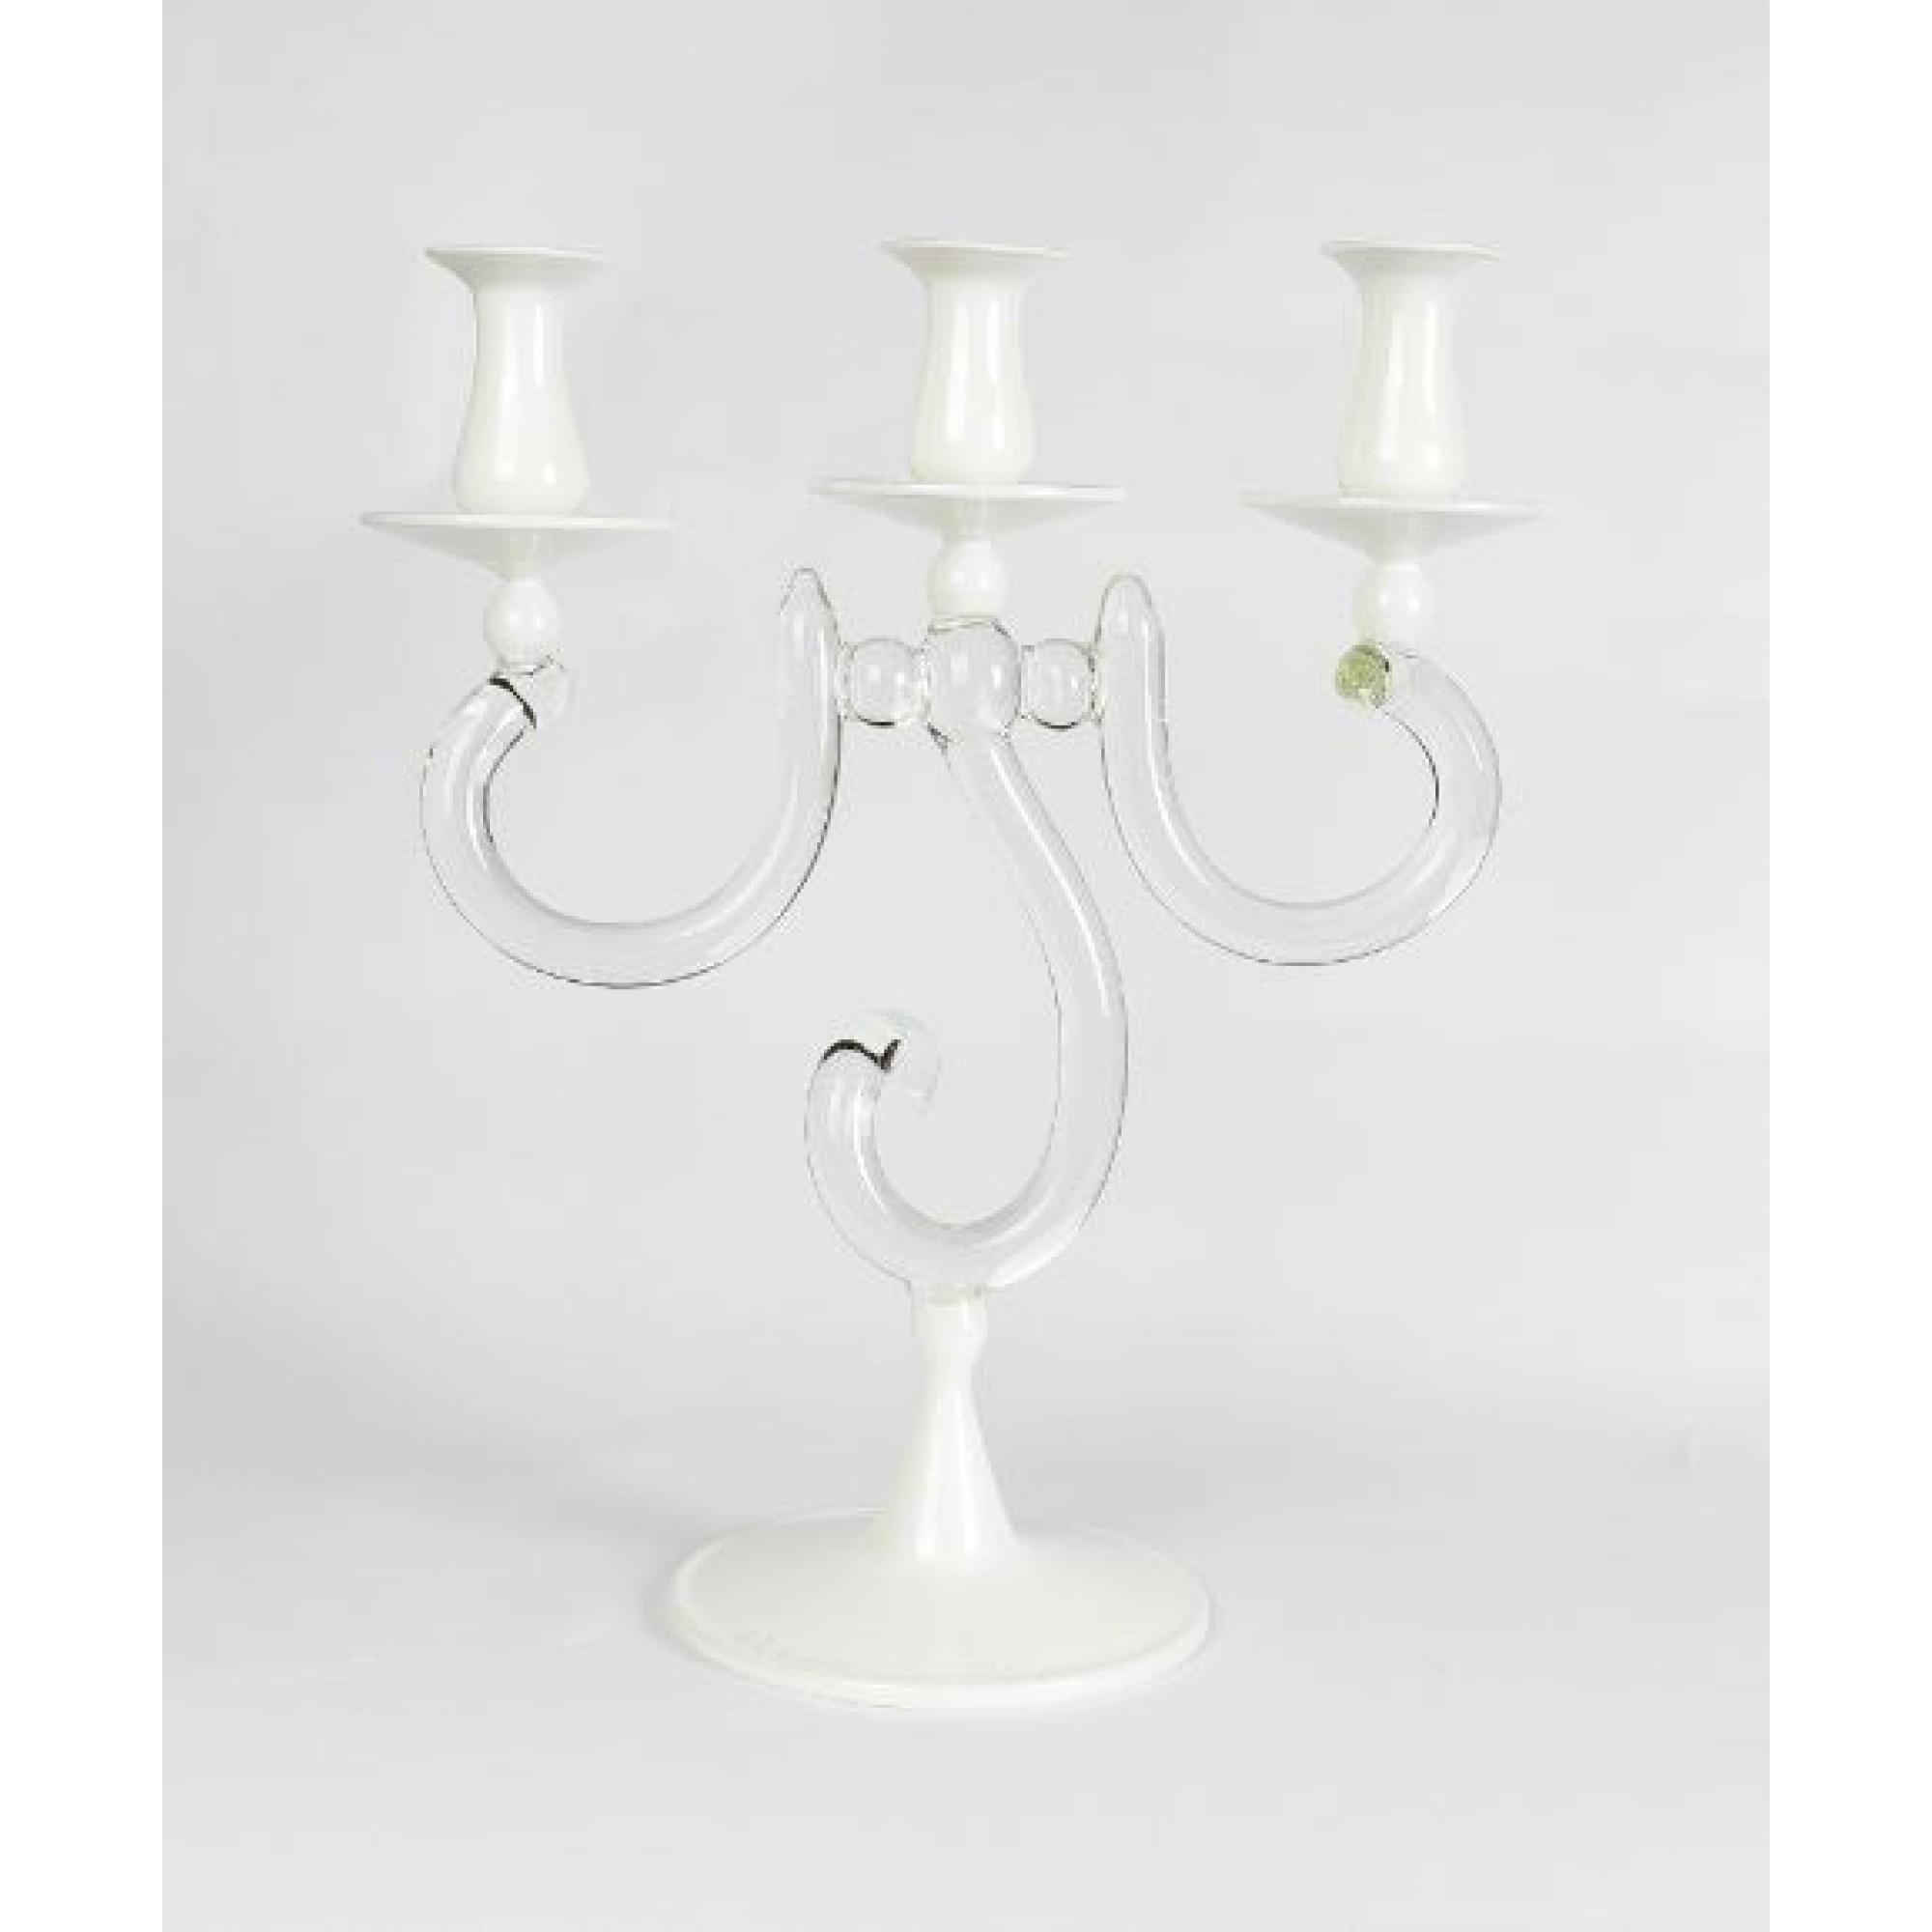 Candeliere - ARTE.OBJ.5229 -  Candeliere